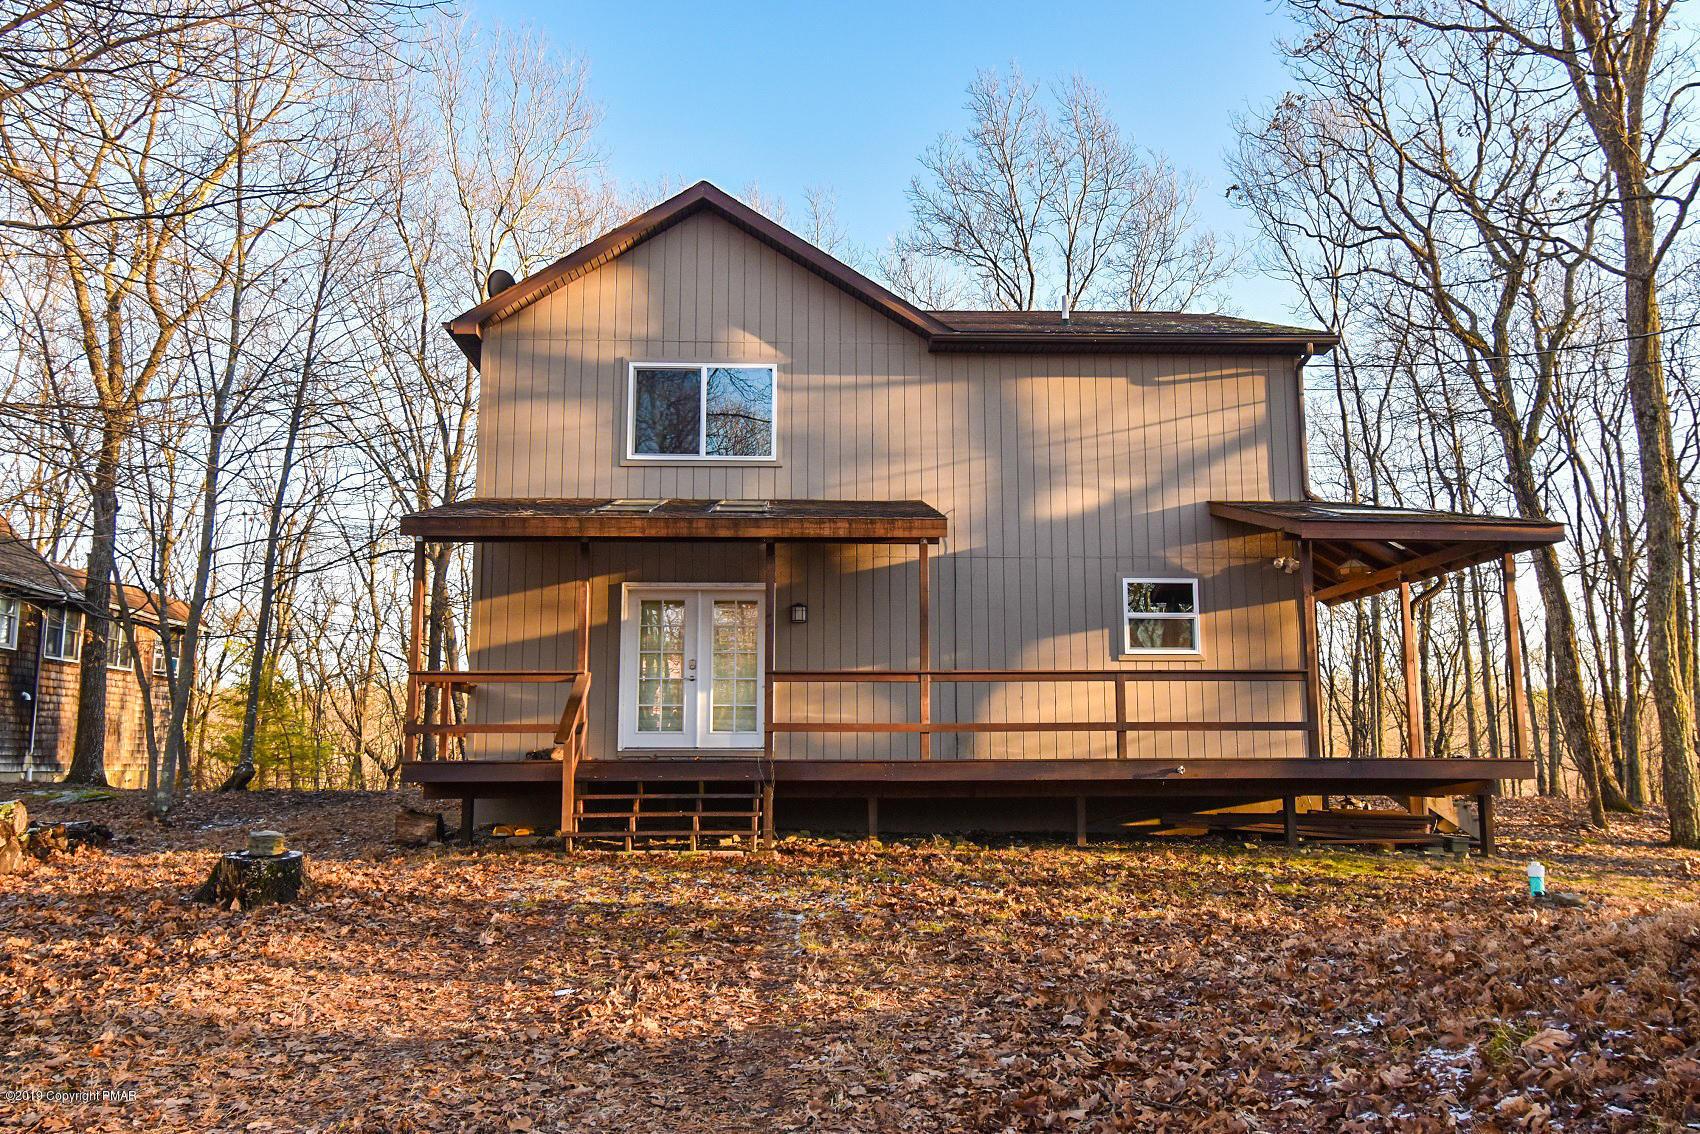 546 Whippoorwill Drive, Bushkill, PA 18324